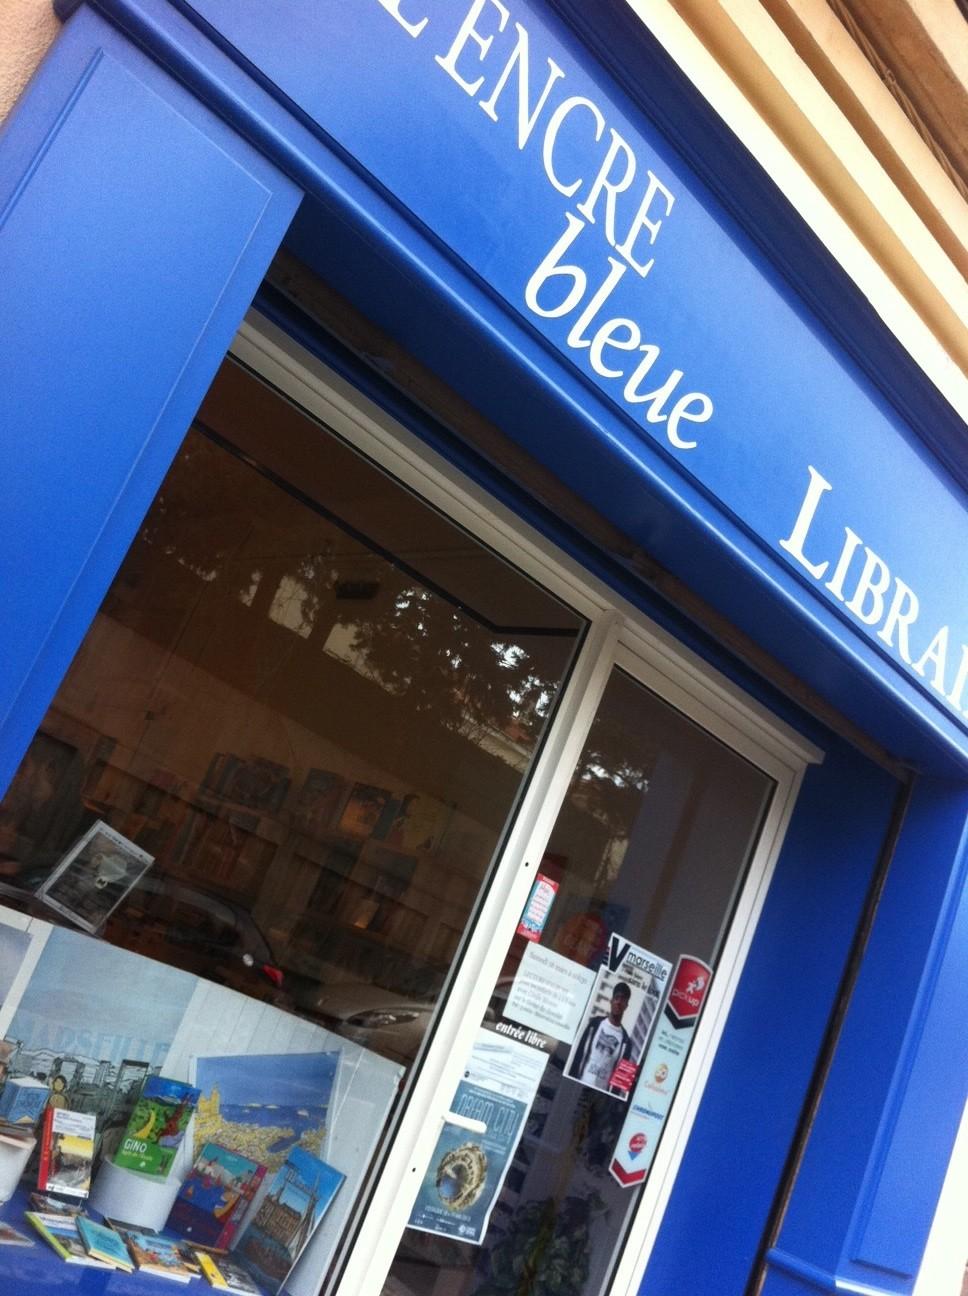 Librairie L'Encre bleue